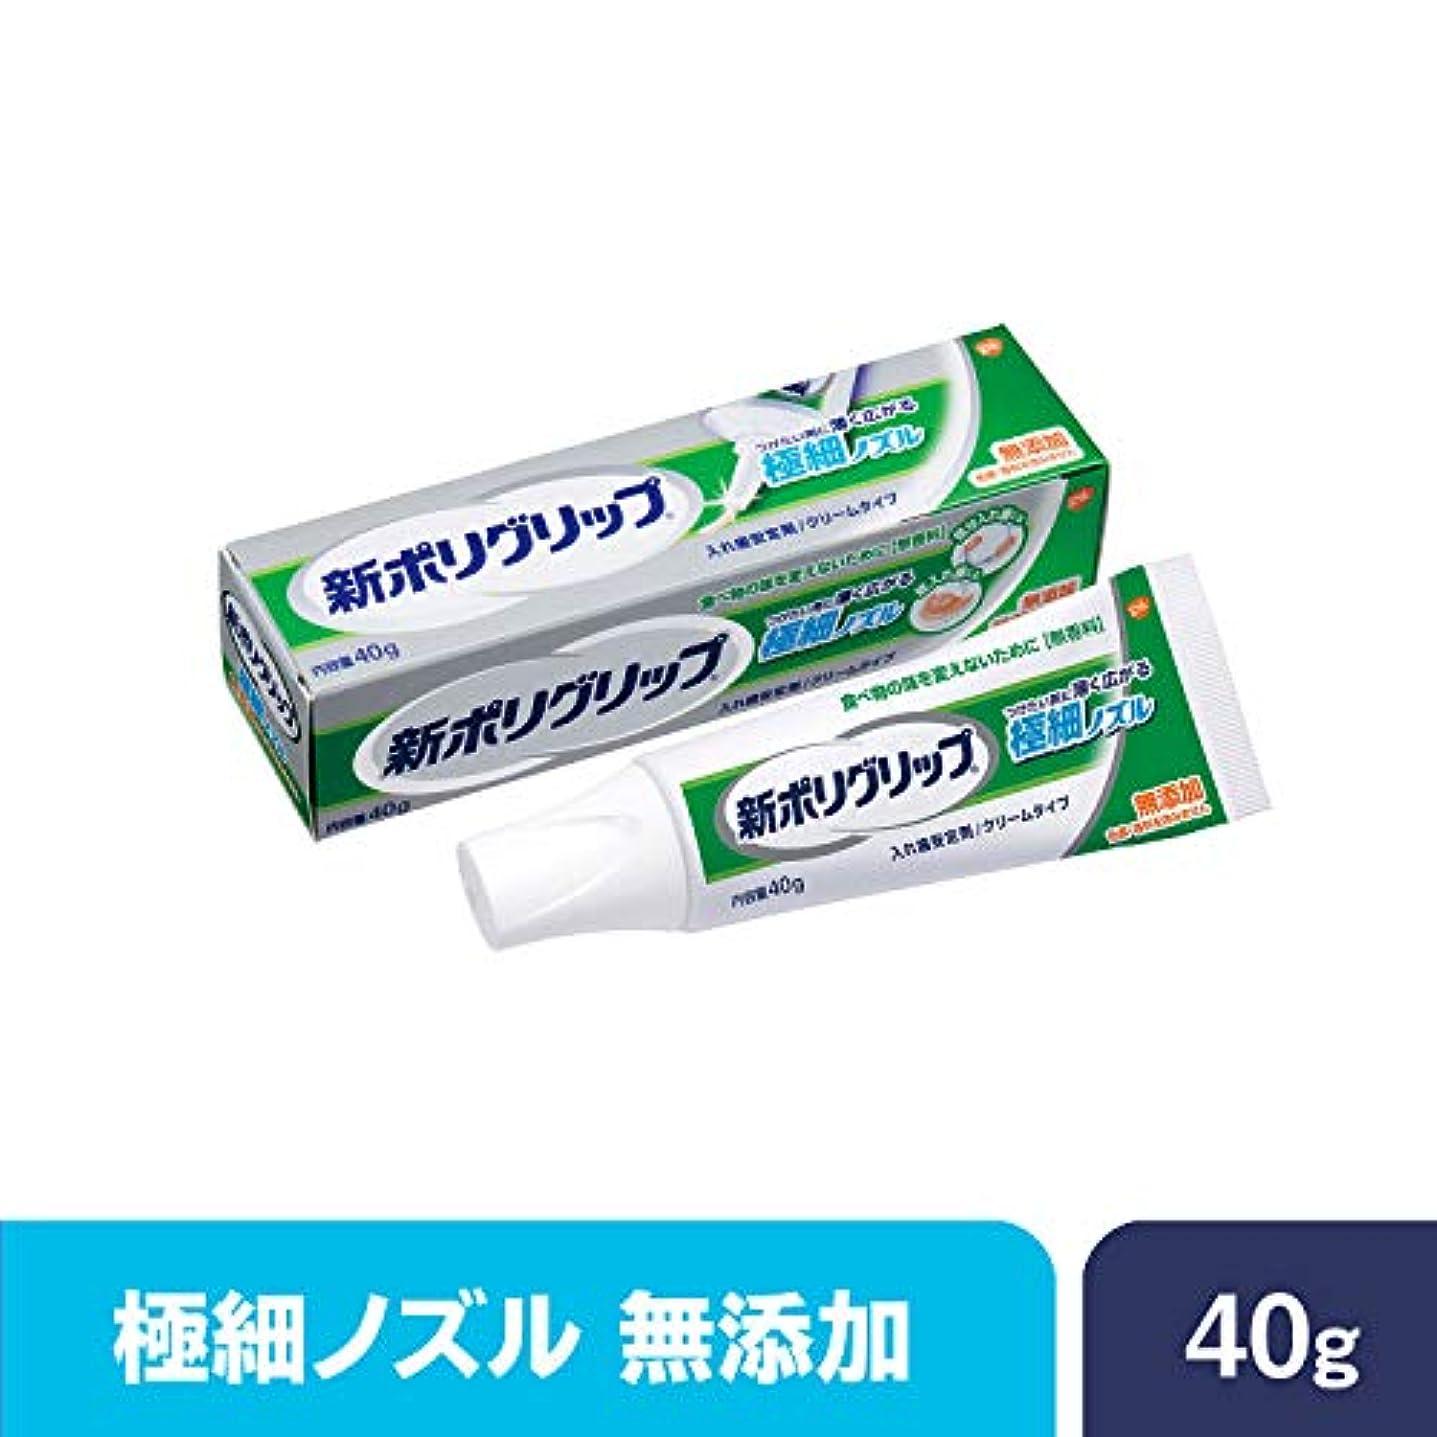 休憩する行政マージ部分?総入れ歯安定剤 新ポリグリップ極細ノズル 無添加 40g